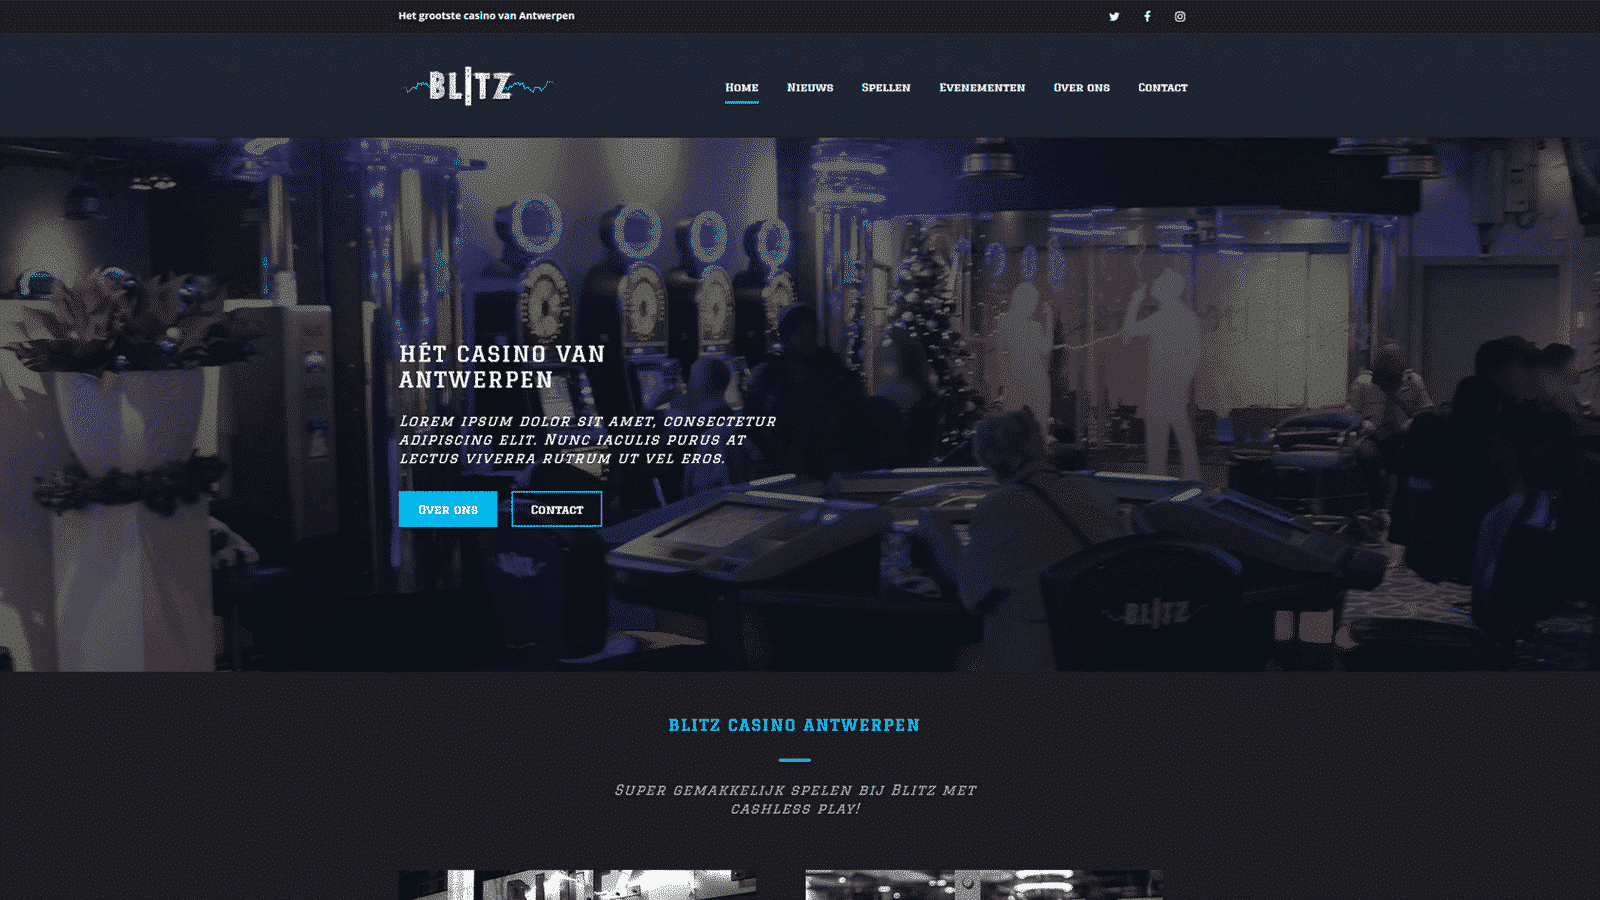 Blitz webite  - blitz - Websites